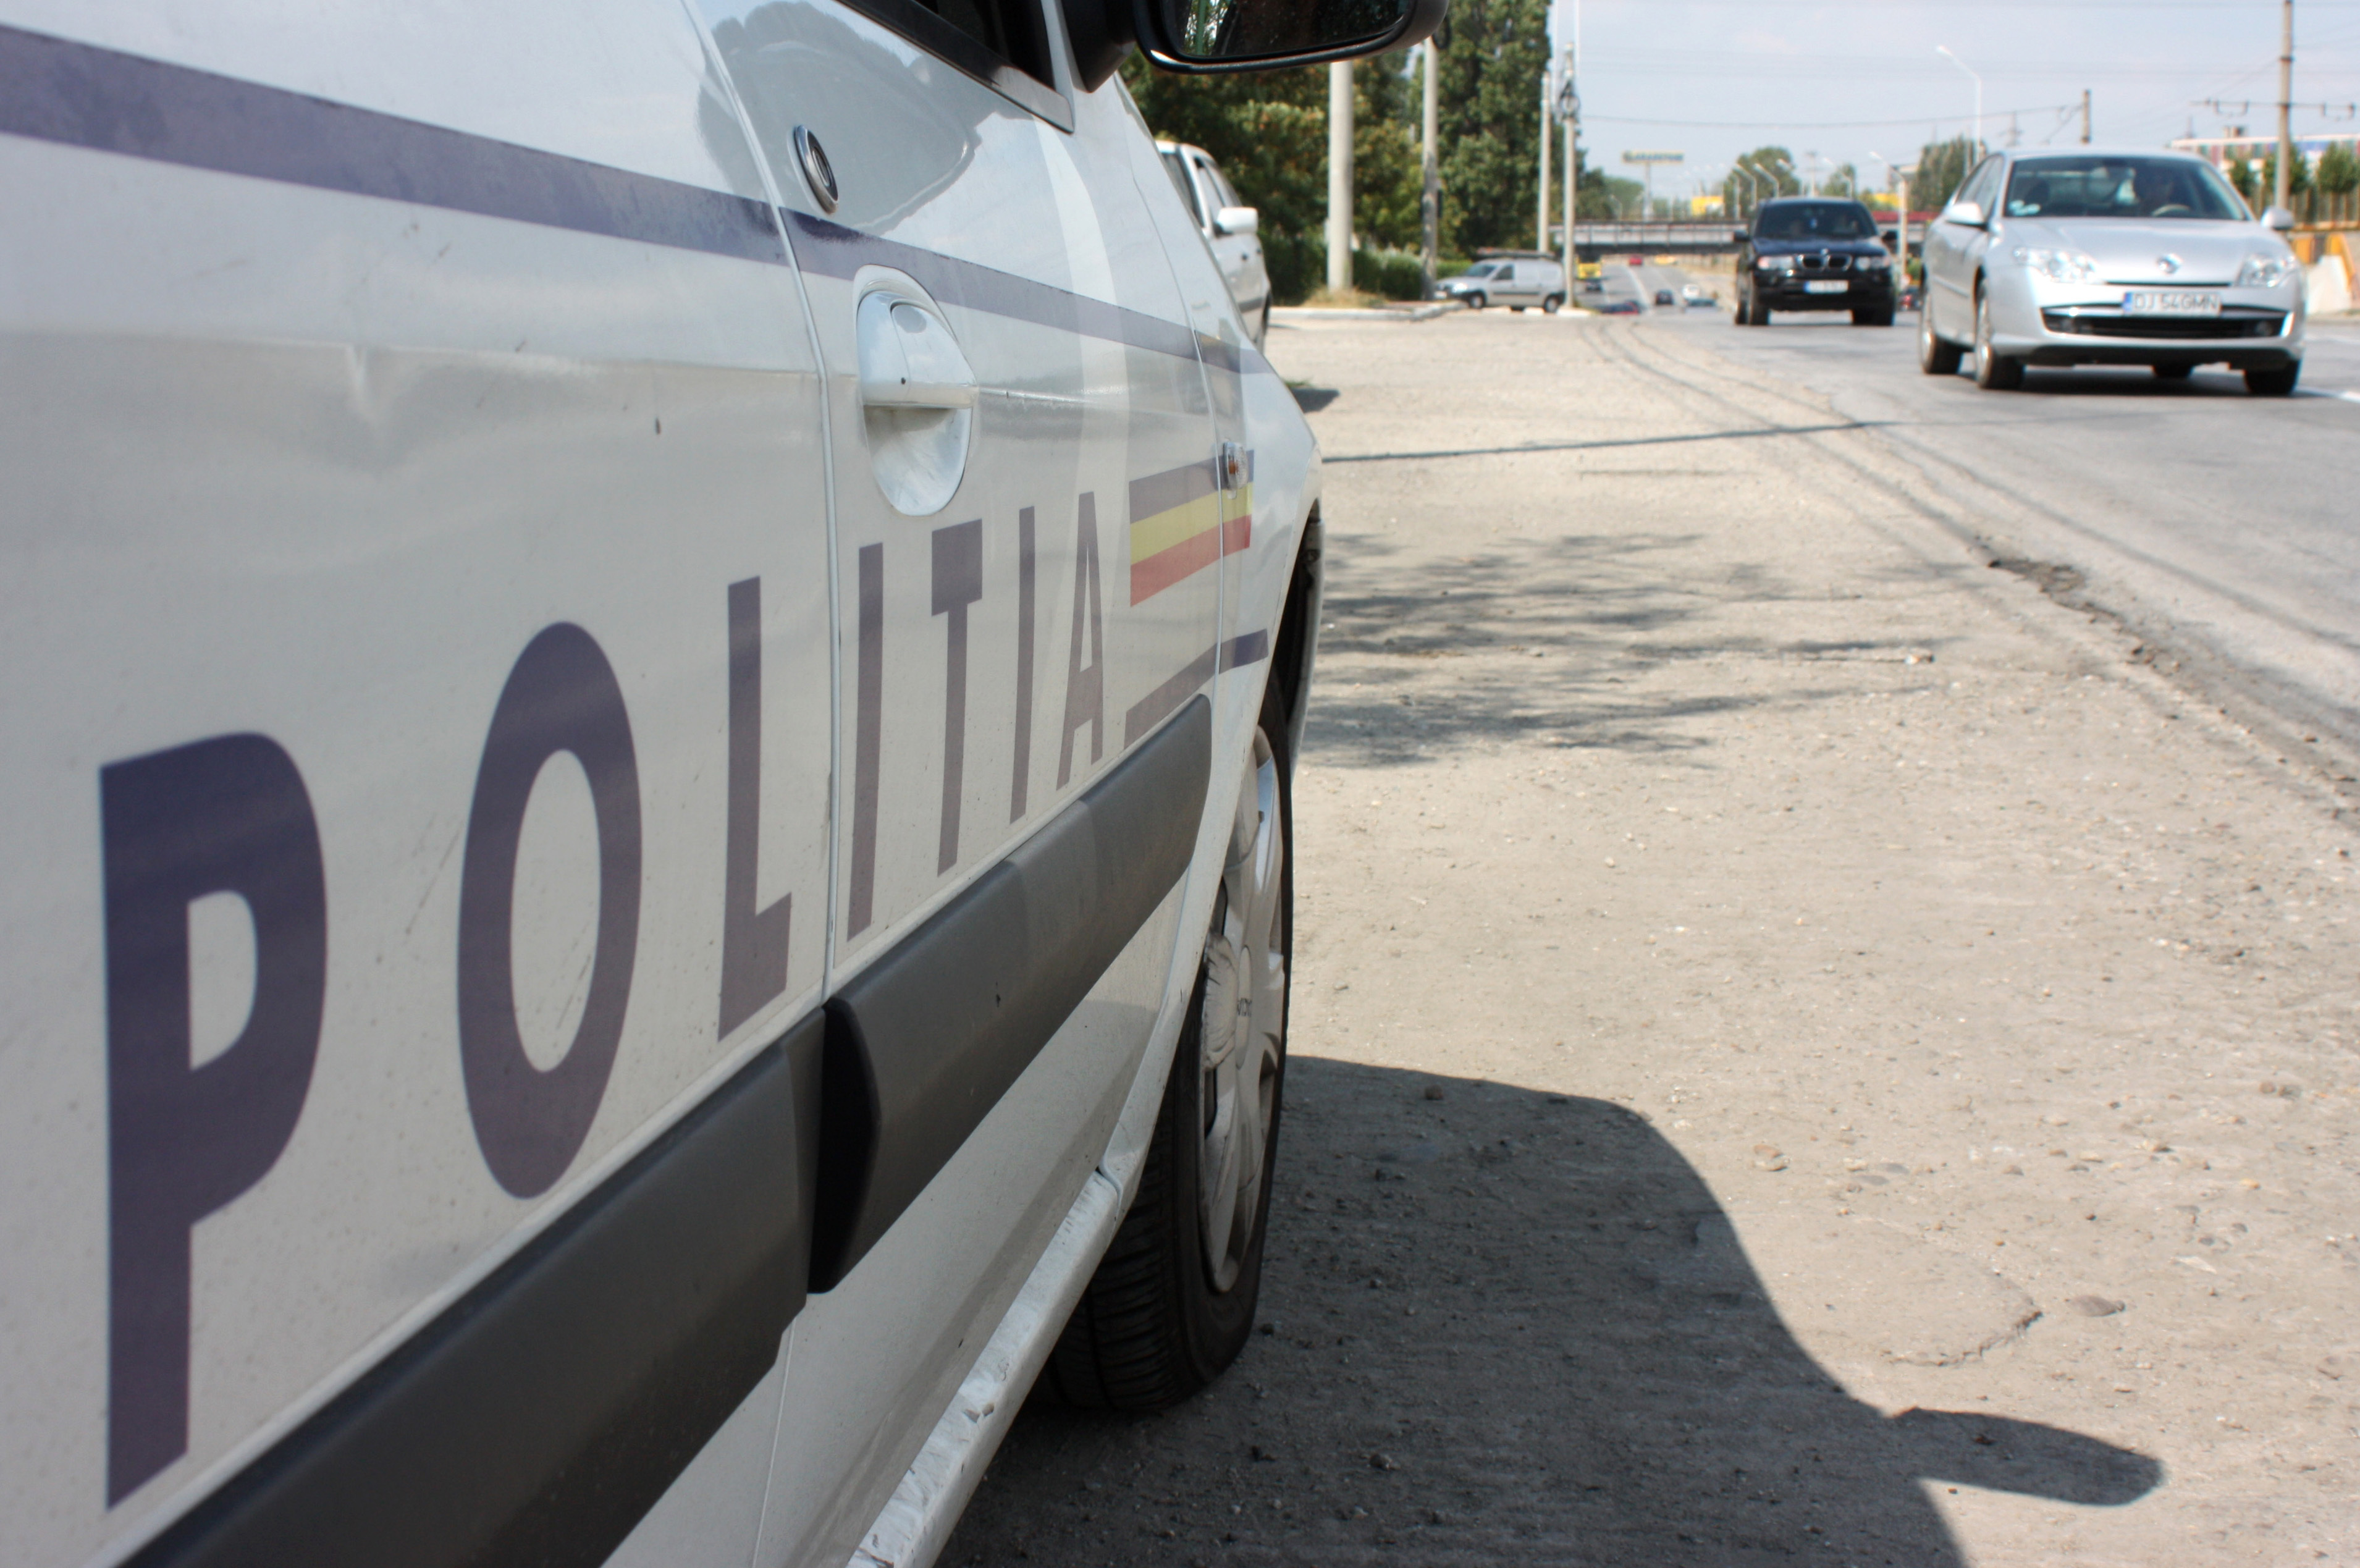 Un mort şi patru răniţi, în urma impactului frontal dintre două maşini pe DN 1C, în judeţul Cluj.